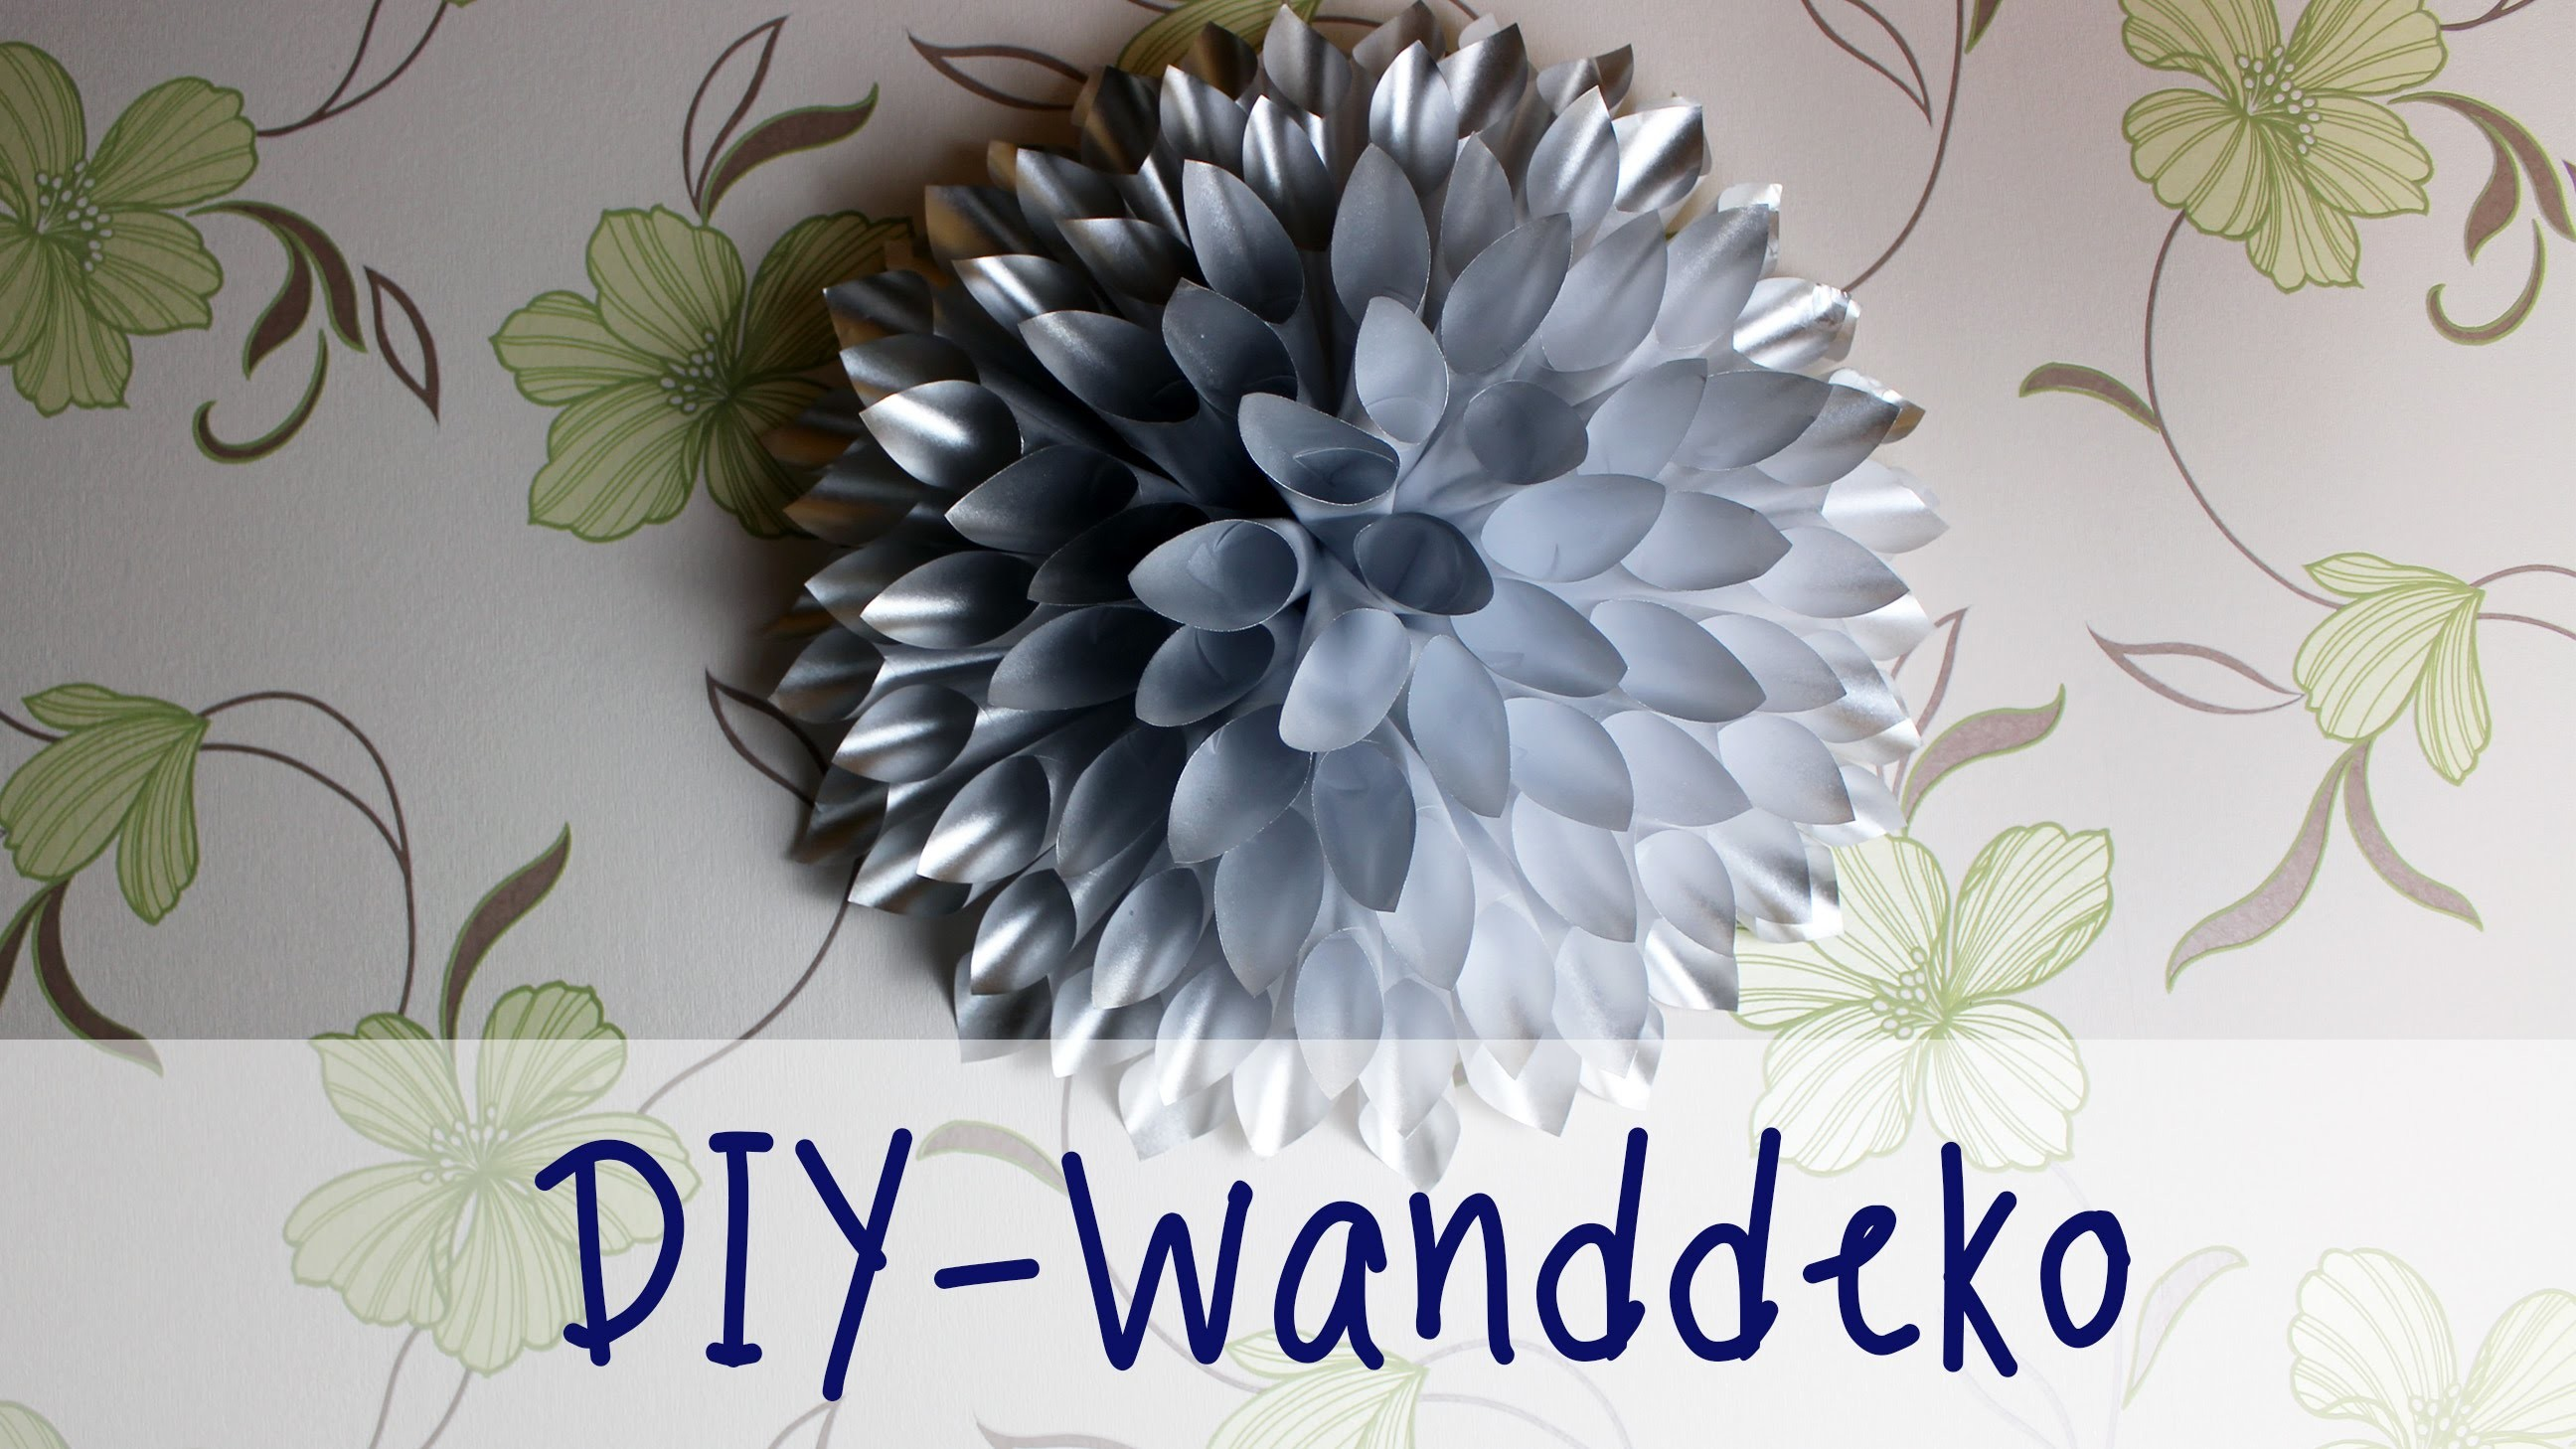 Julia's tillishop DIY's: günstige Wanddeko